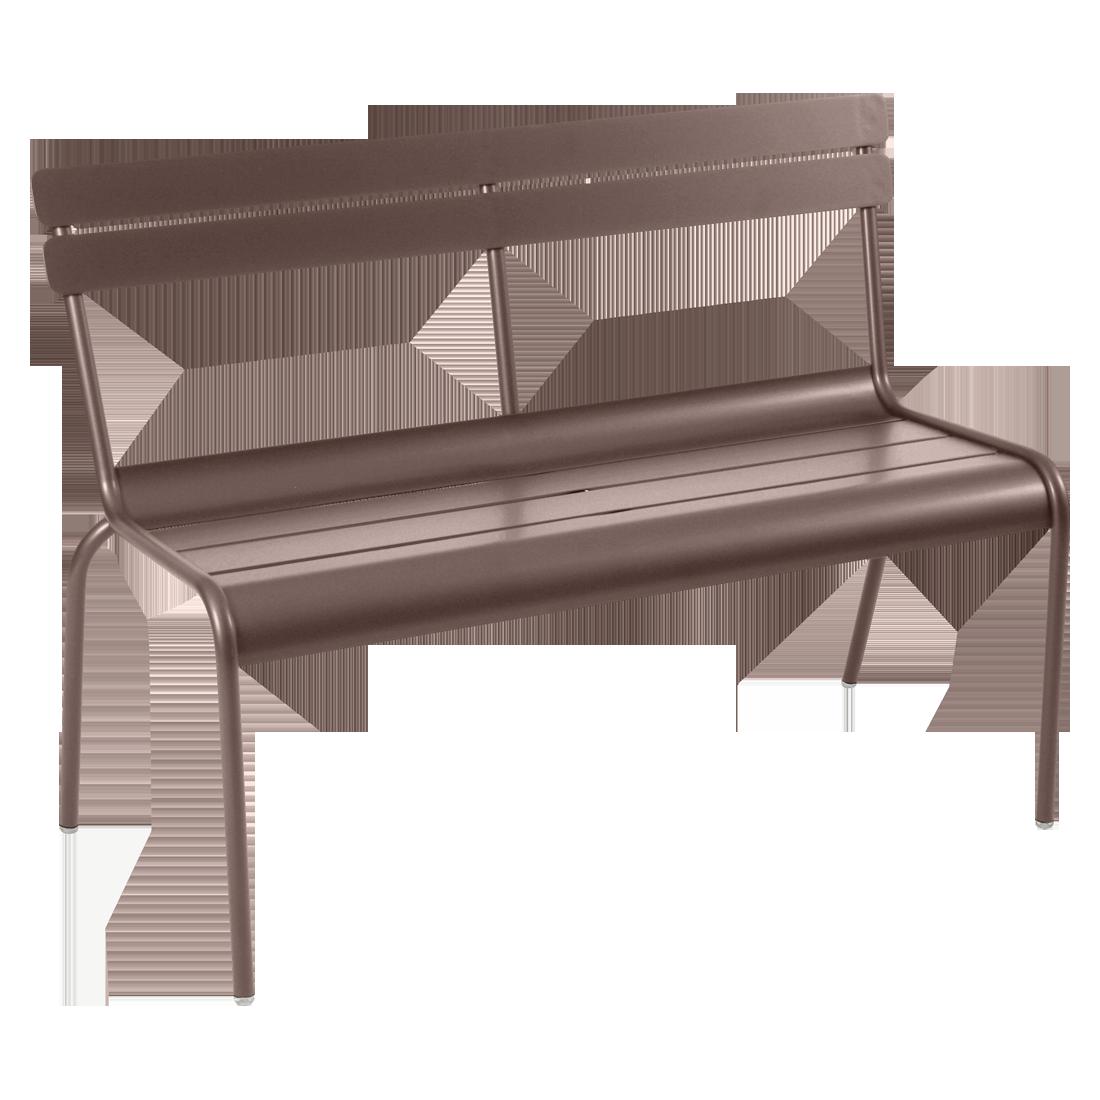 banc avec dossier luxembourg de fermob rouille. Black Bedroom Furniture Sets. Home Design Ideas